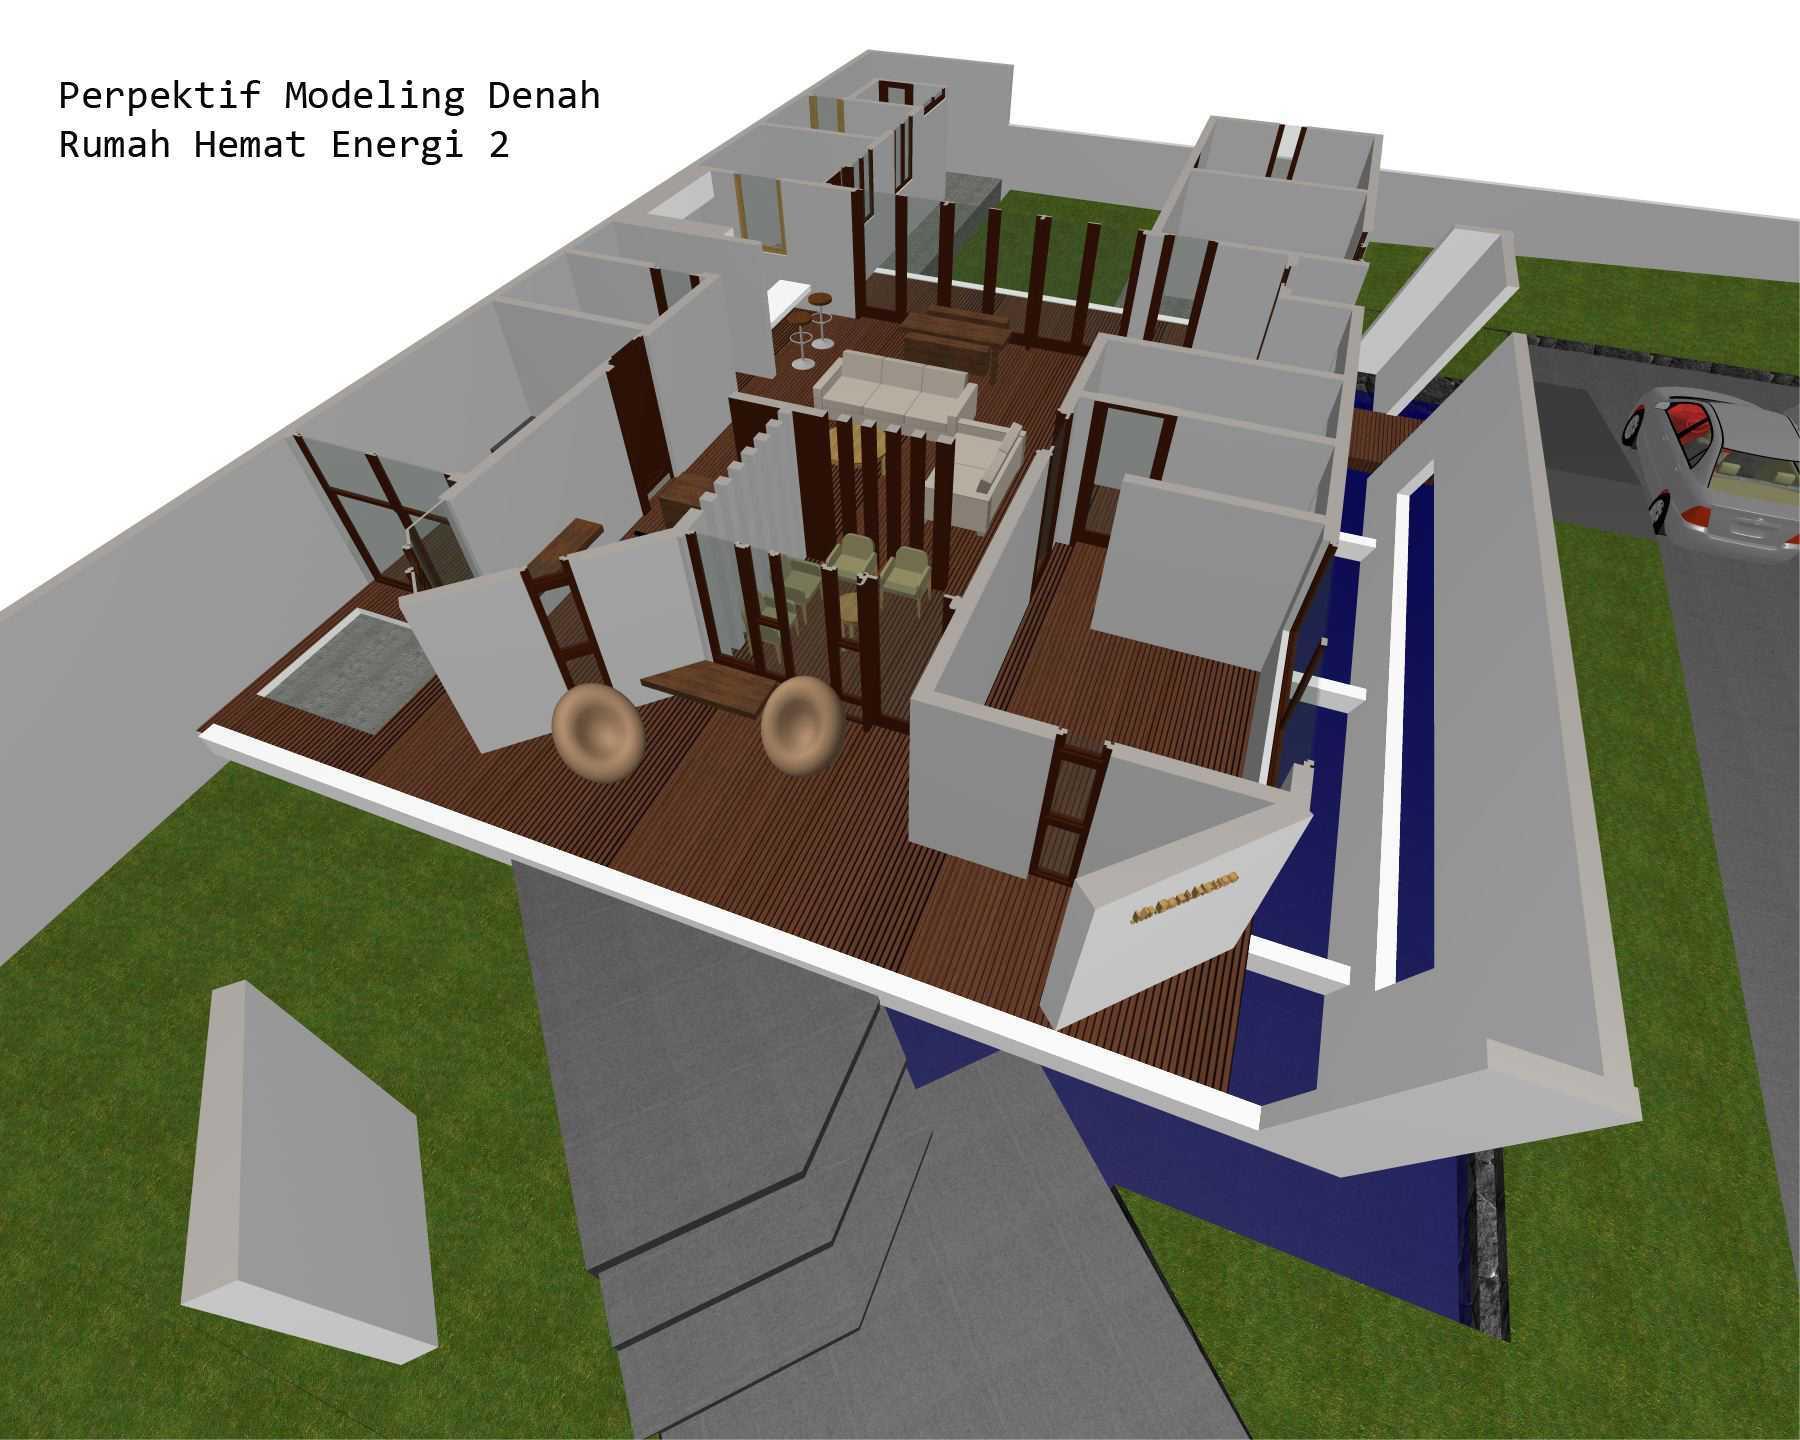 Roni Desain Rumah Hemat Energi  Sulawesi Selatan, Indonesia Sulawesi Selatan, Indonesia Roni-Desain-Rumah-Hemat-Energi-  59909